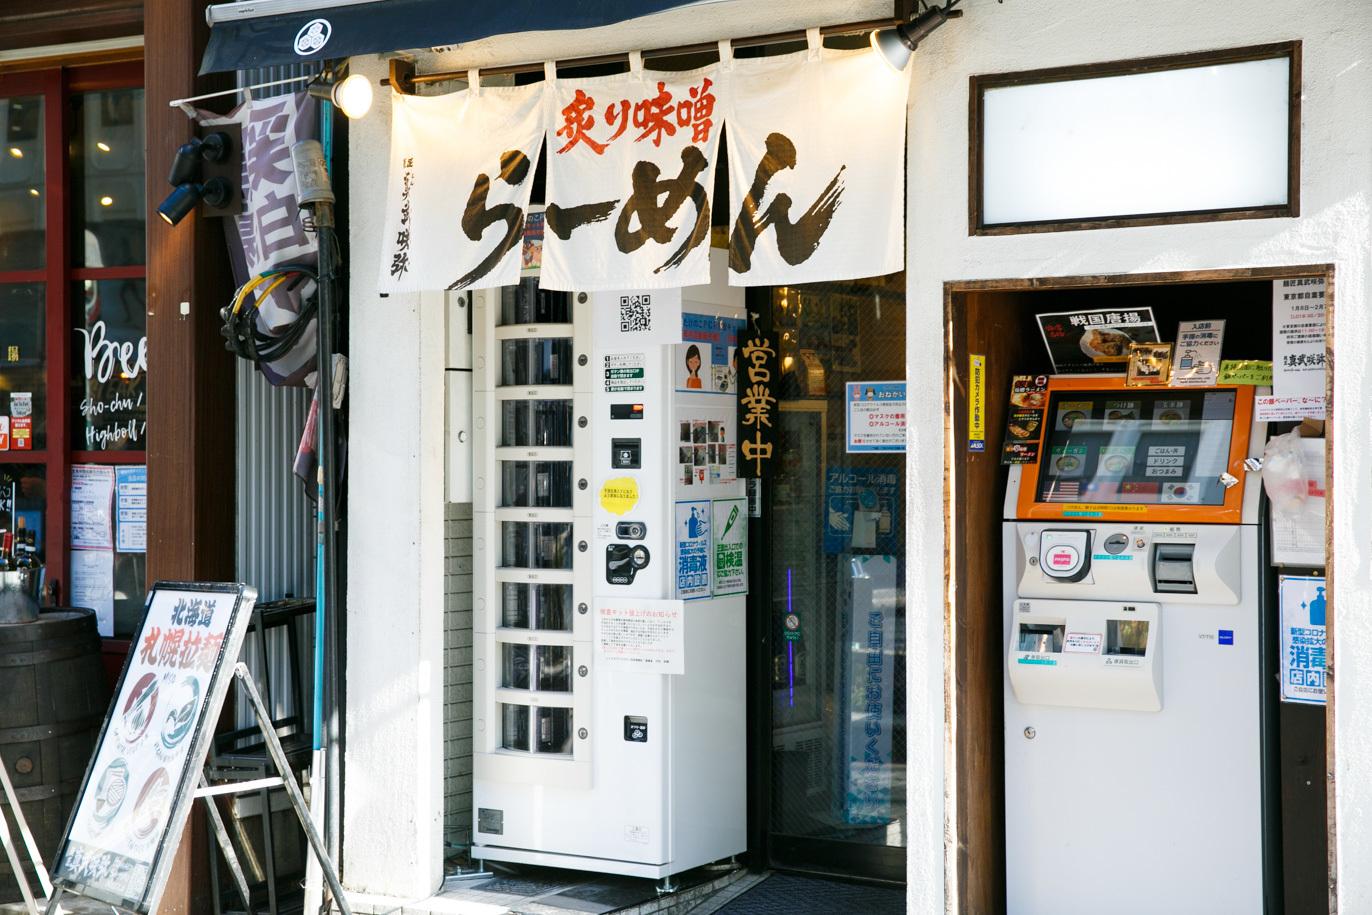 Как устроен процесс тестирования ПЦР в торговых автоматах в Японии и почему такого нет в России